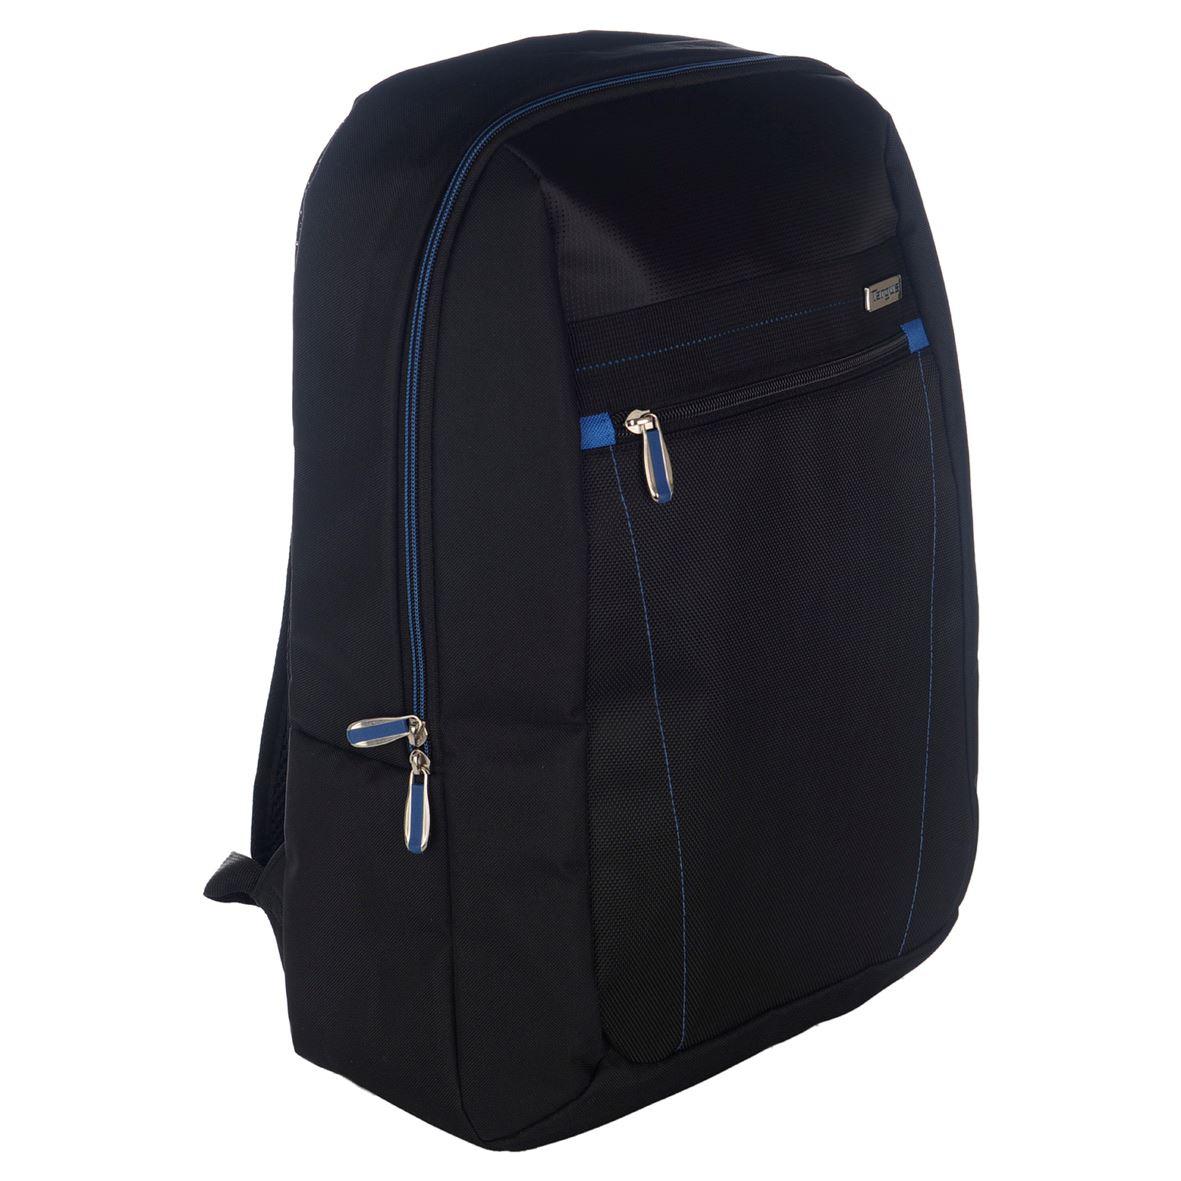 prospect sac dos pour ordinateur portable tablette 14. Black Bedroom Furniture Sets. Home Design Ideas